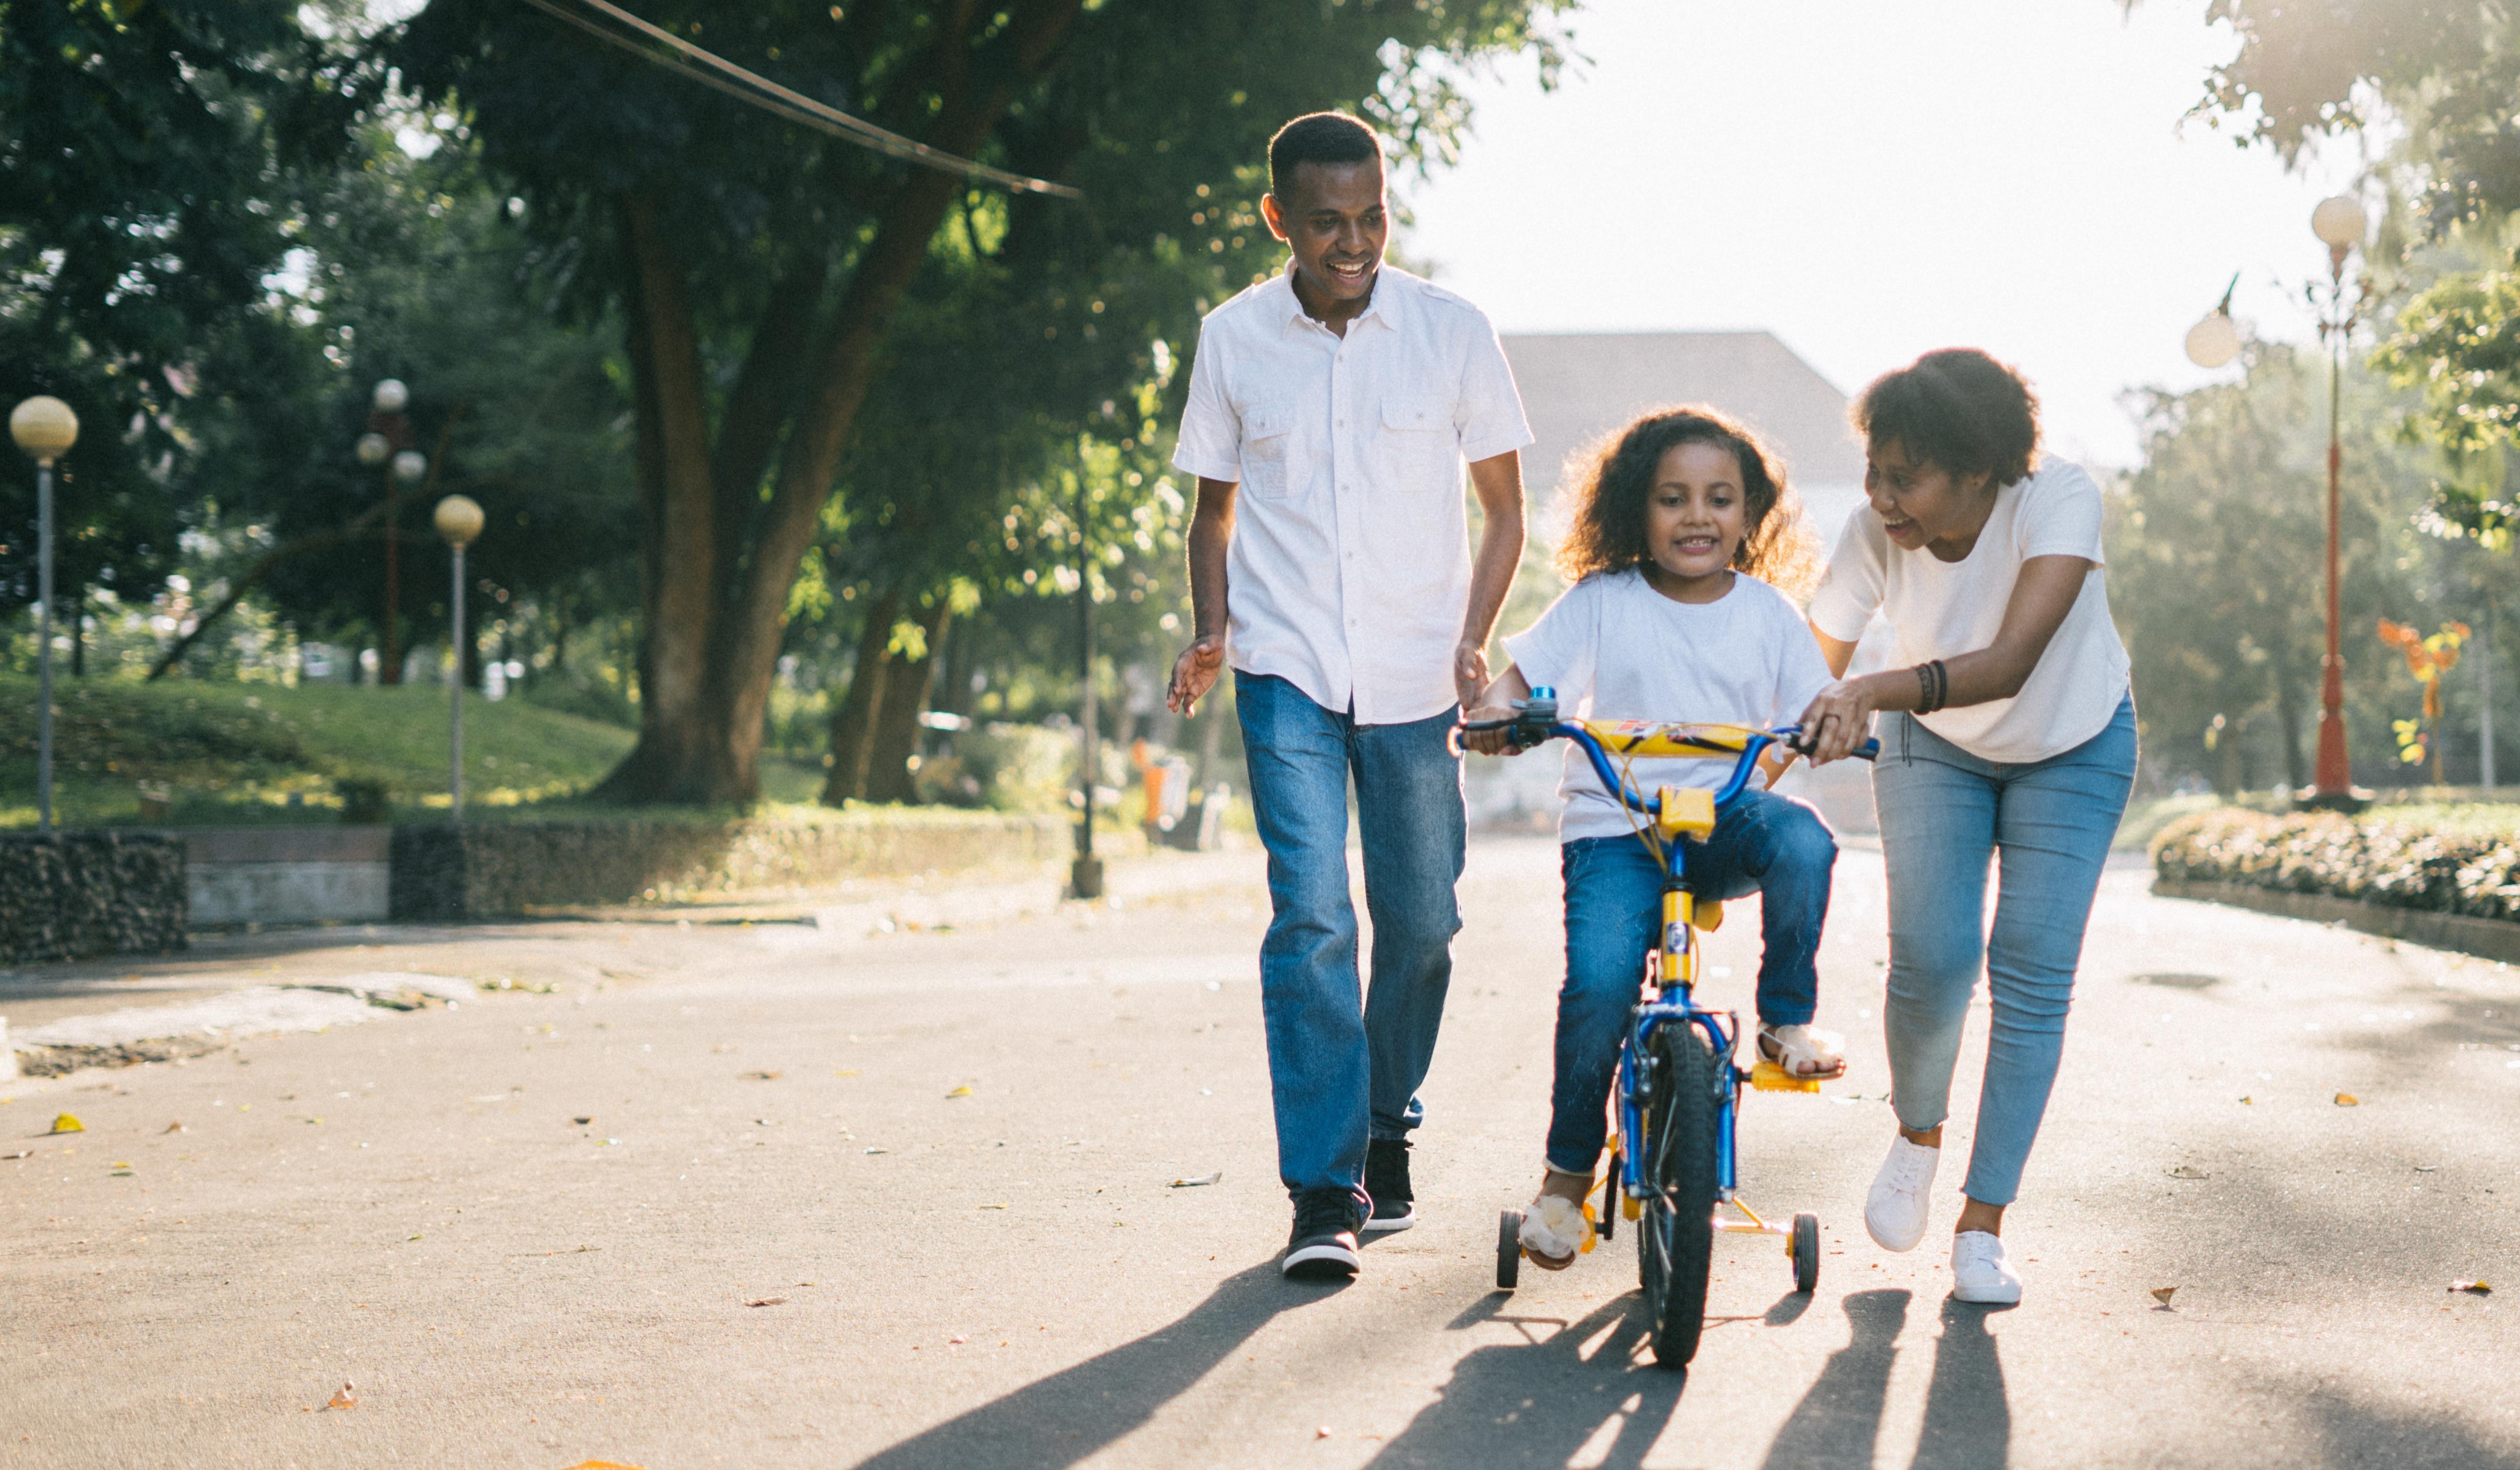 5 tips for raising unspoiled kids